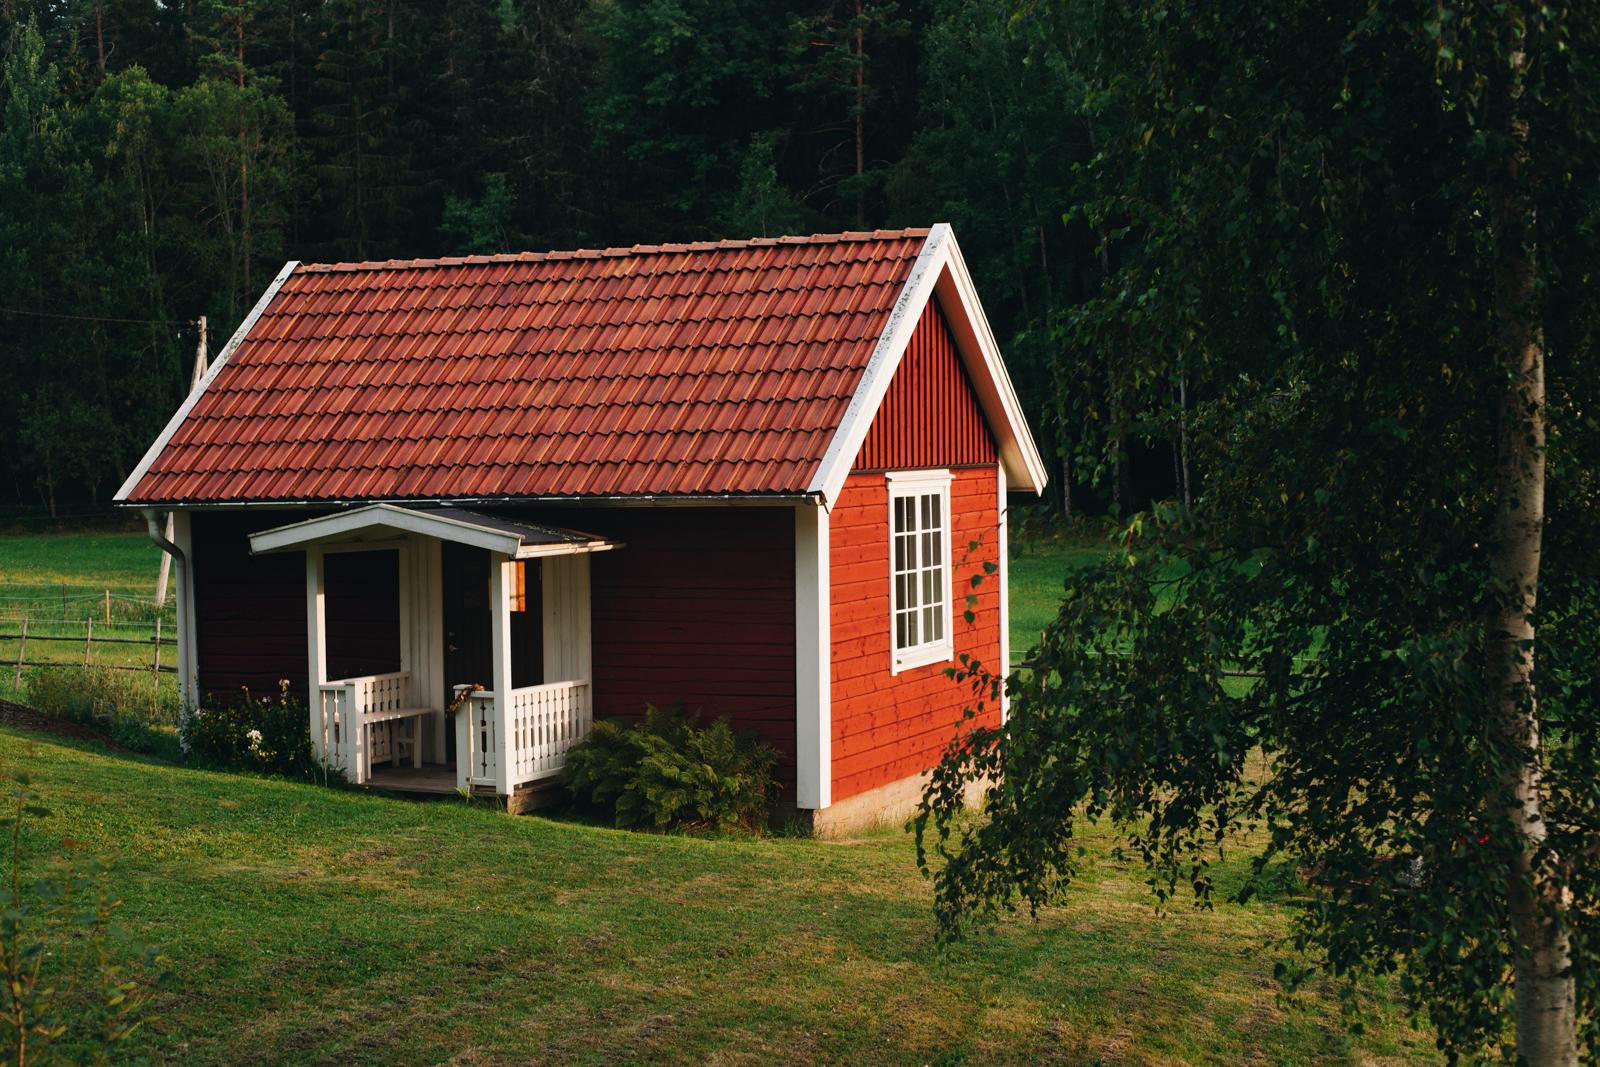 szwedzkie domki letniskowe sommarstuga